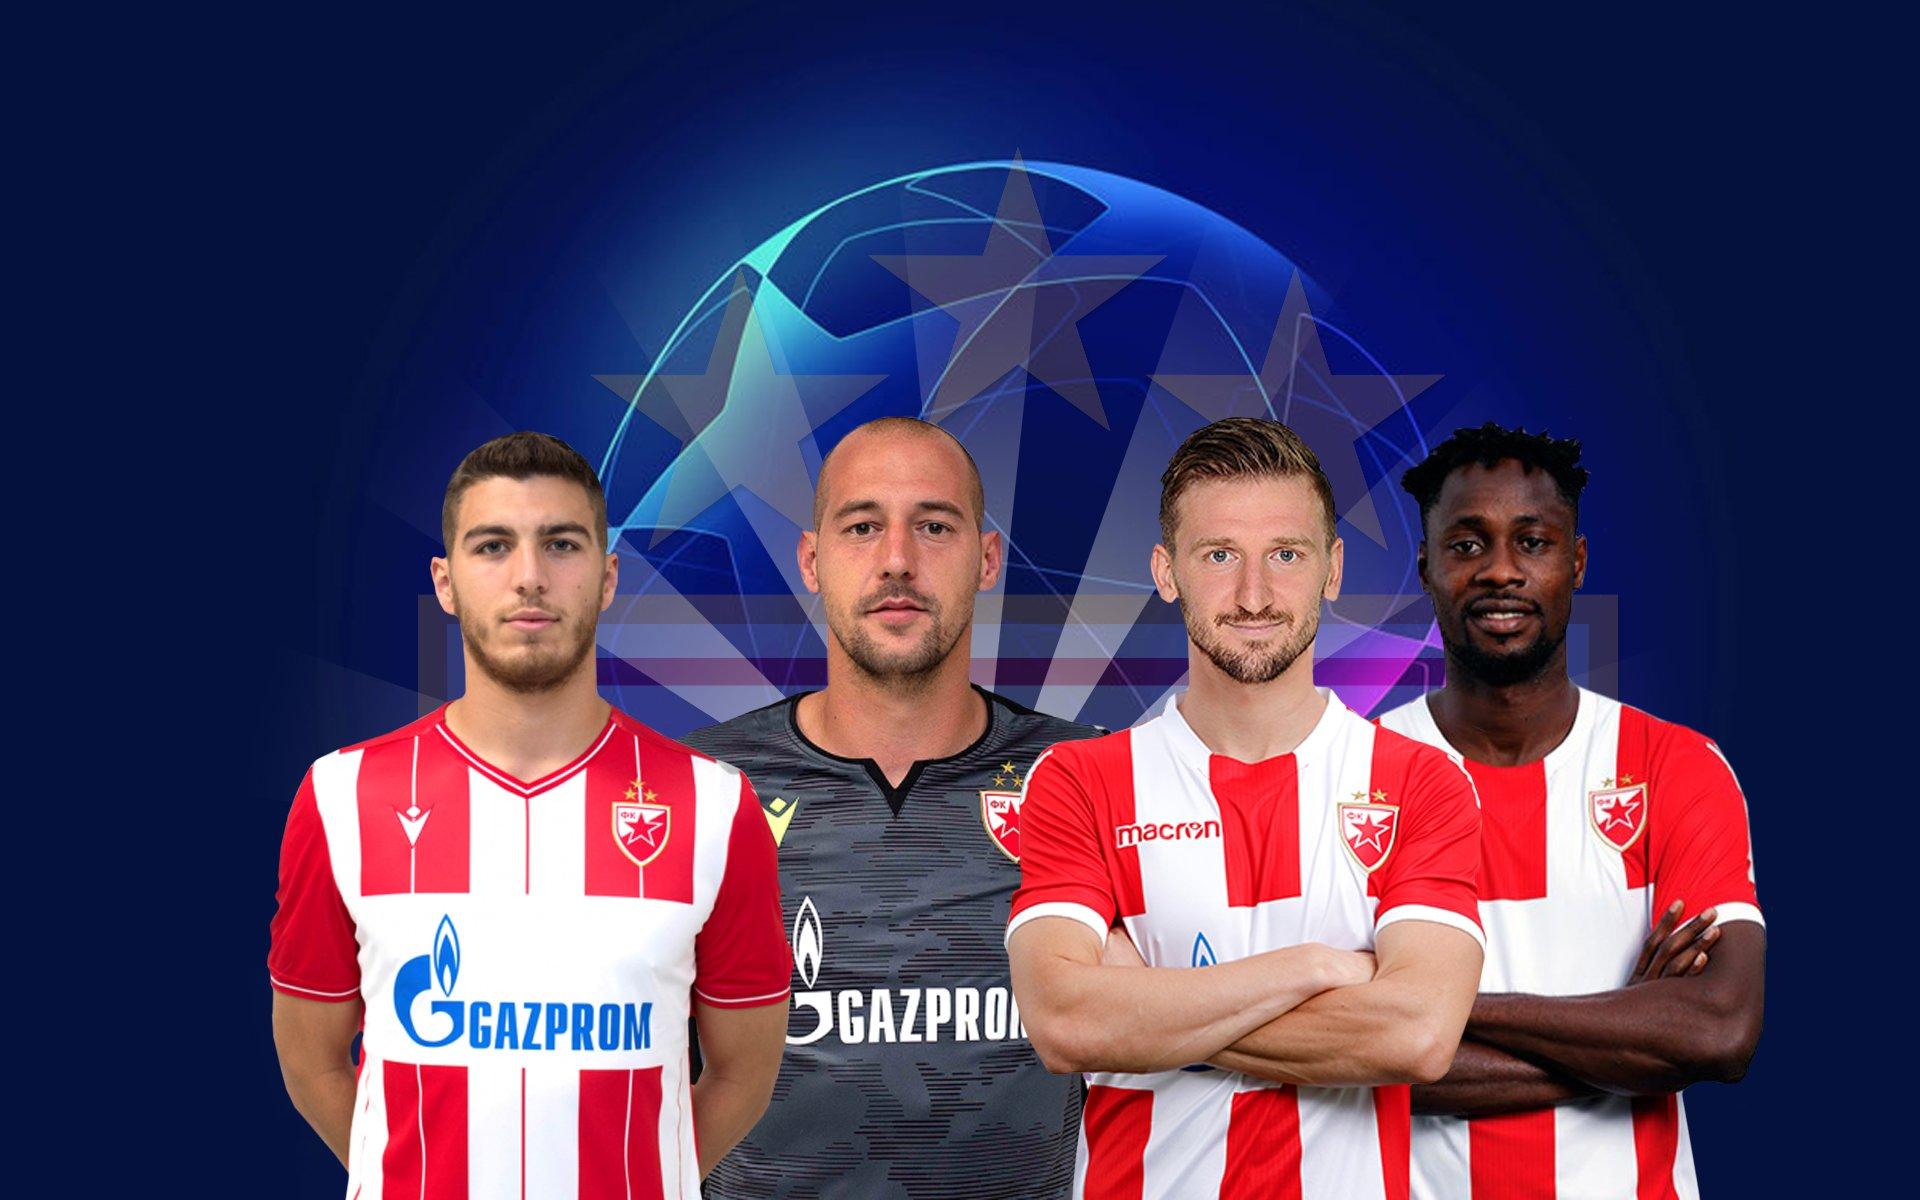 Liga šampiona - Fudbal - Sportski dogadjaji - AquaTravel.rs